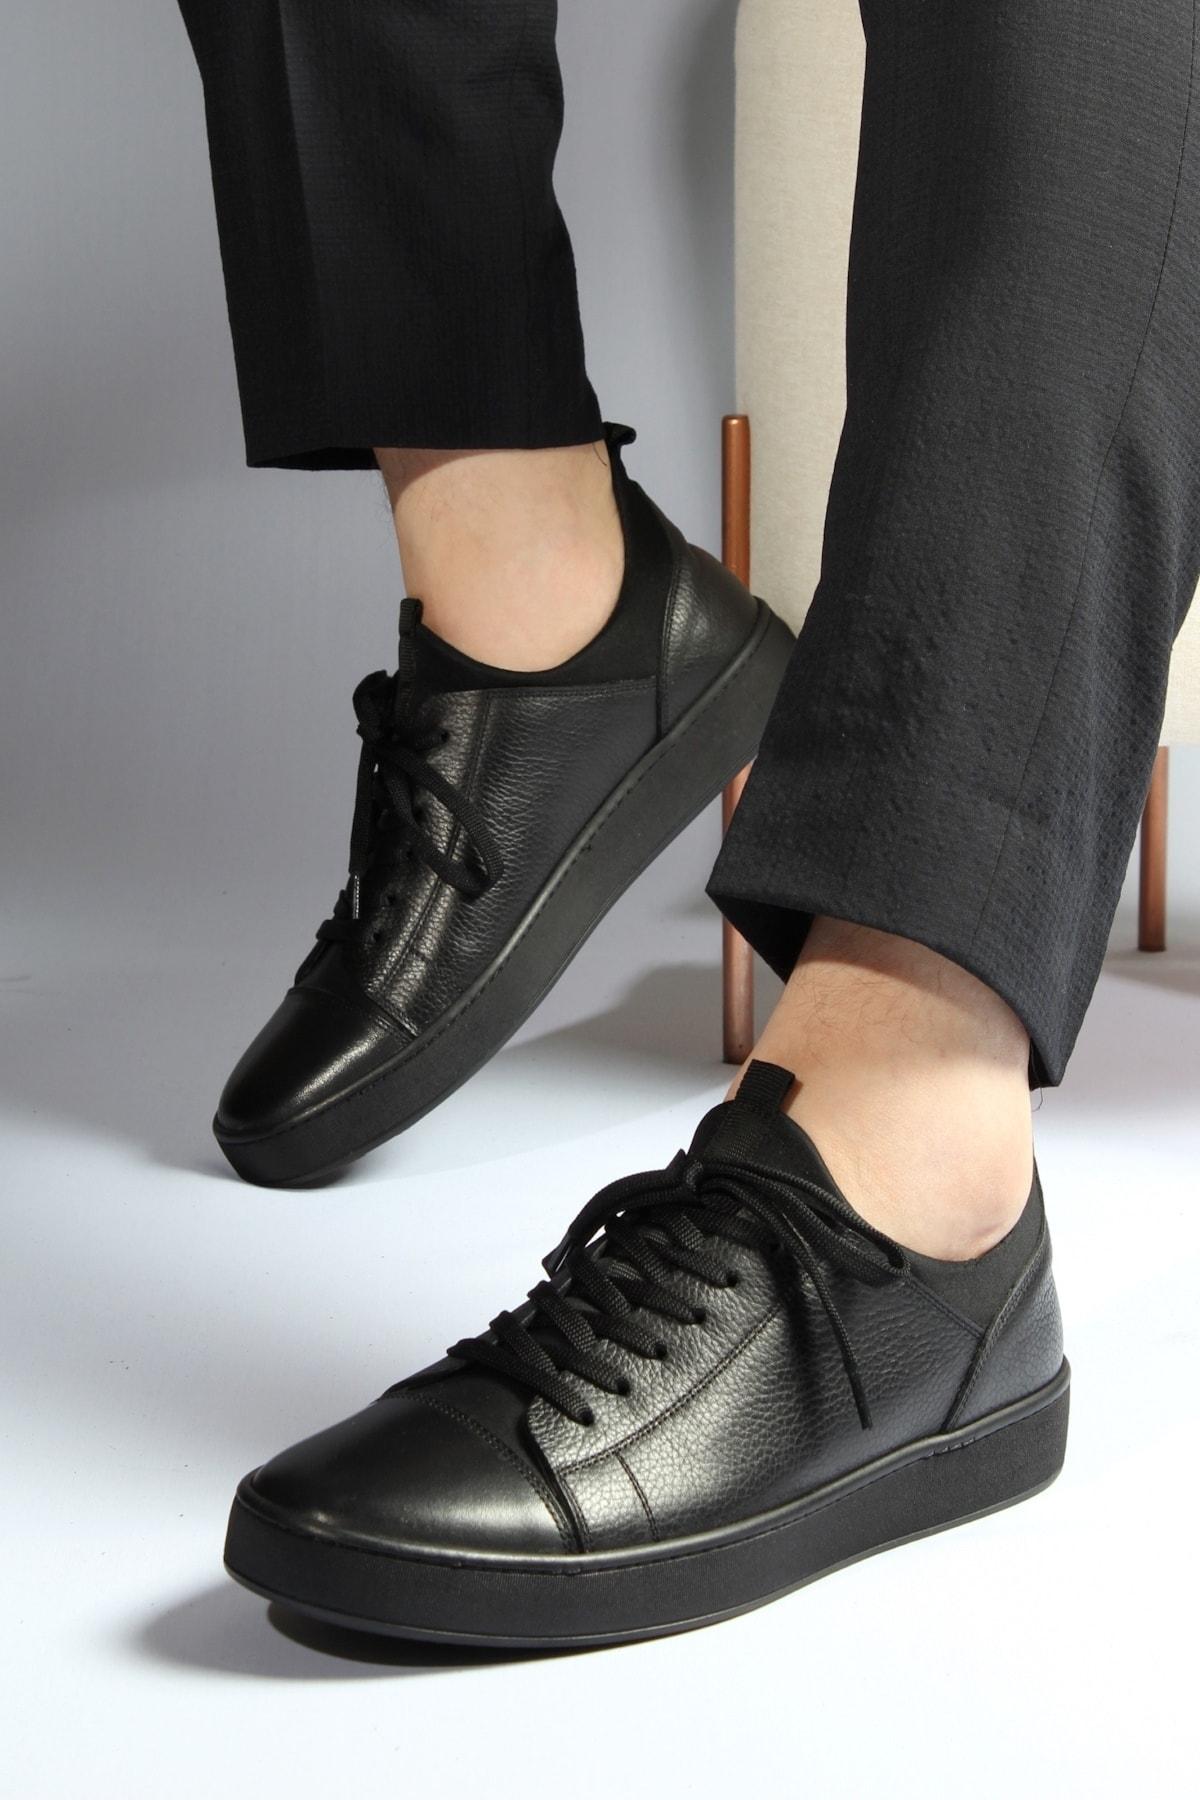 Alba Siyah Hakiki Deri Erkek Ayakkabı 2